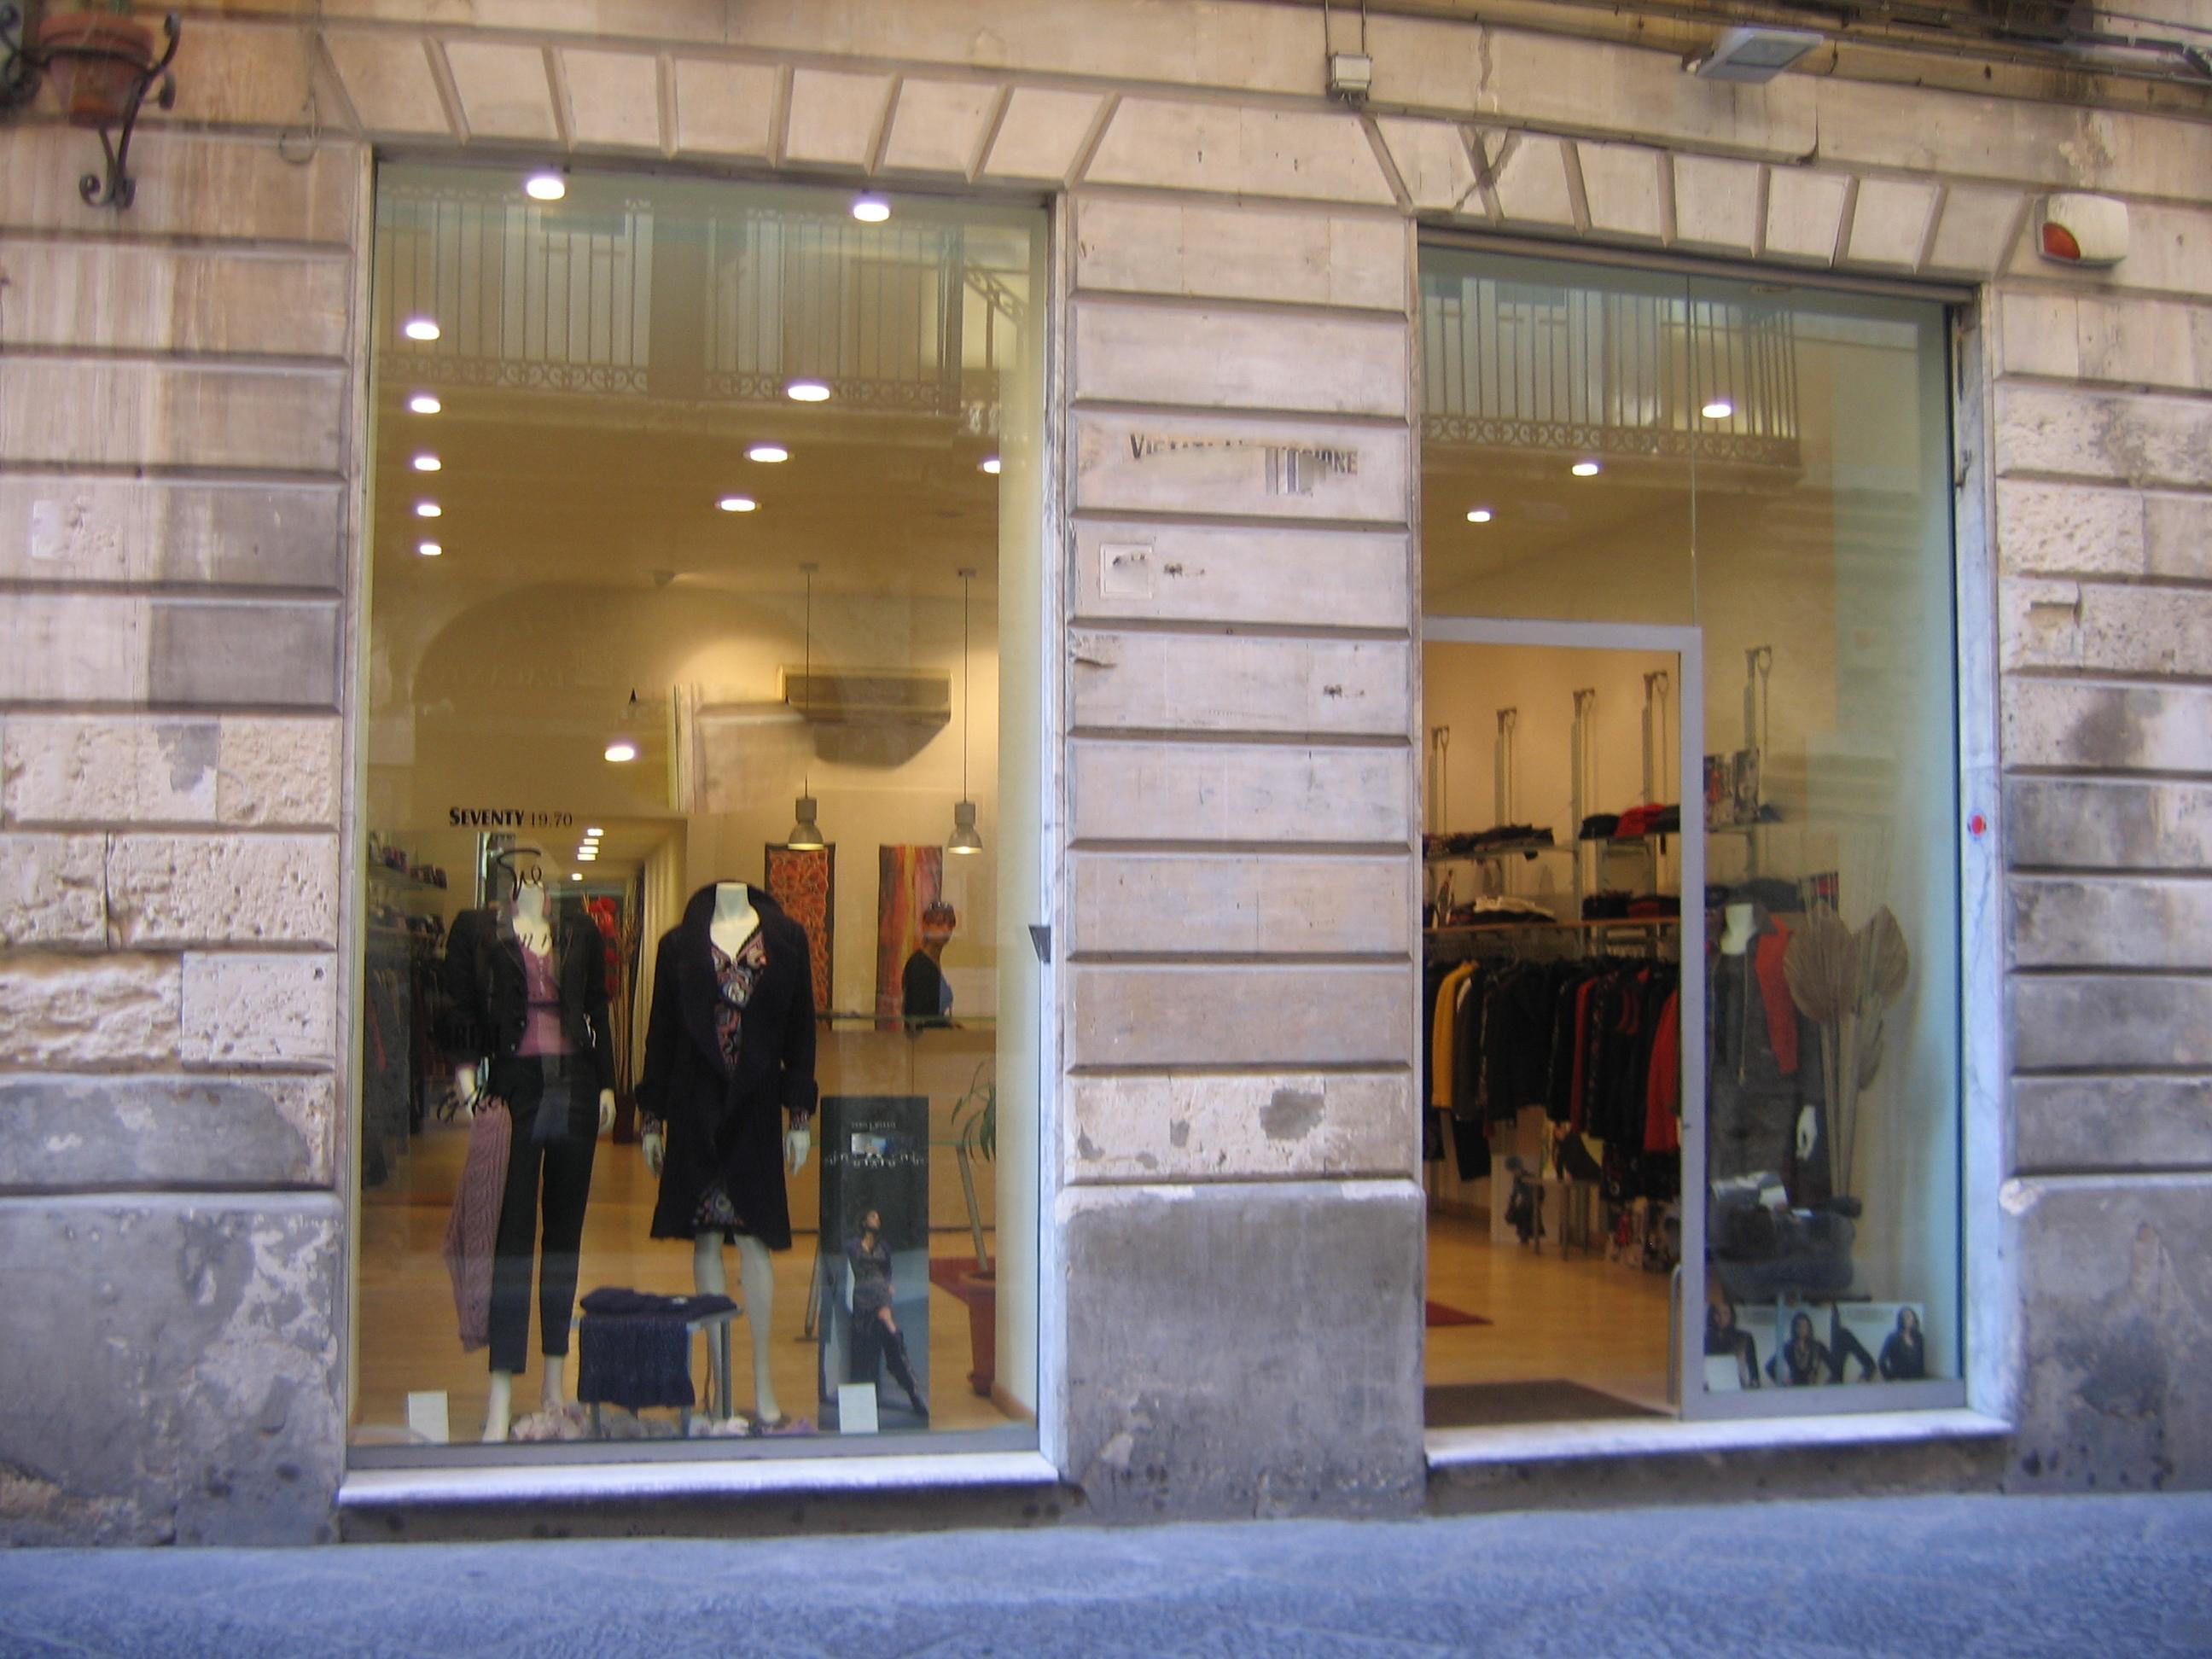 Elegante basso commerciale nel centro storico di siracusa for Hotel siracusa centro storico